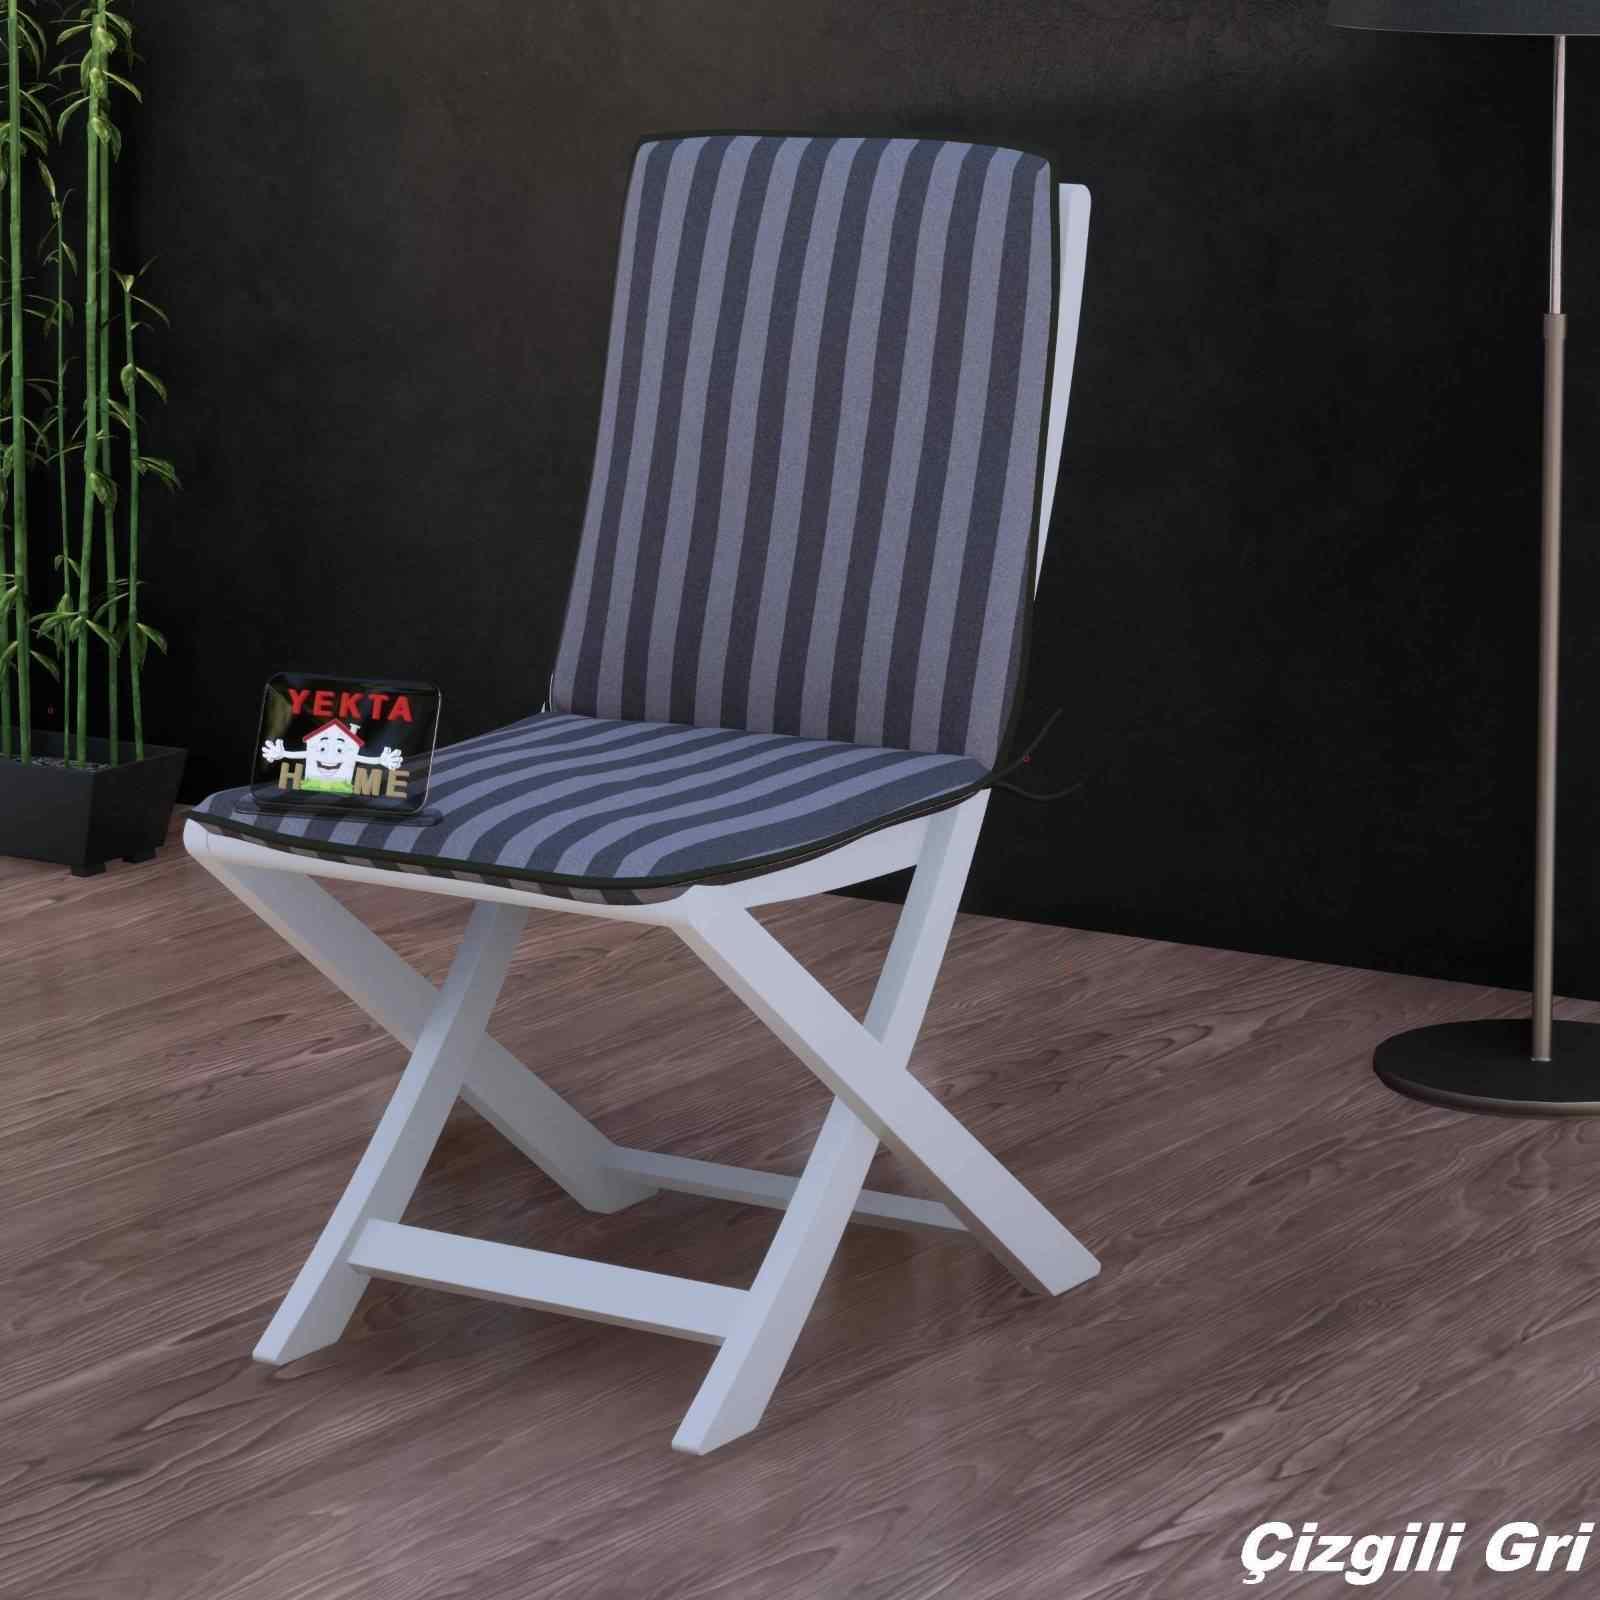 Sırtlı Sandalye Minderi - Arkalıklı Rattan Koltuk Minderi 6 Adet Çizgili Gri